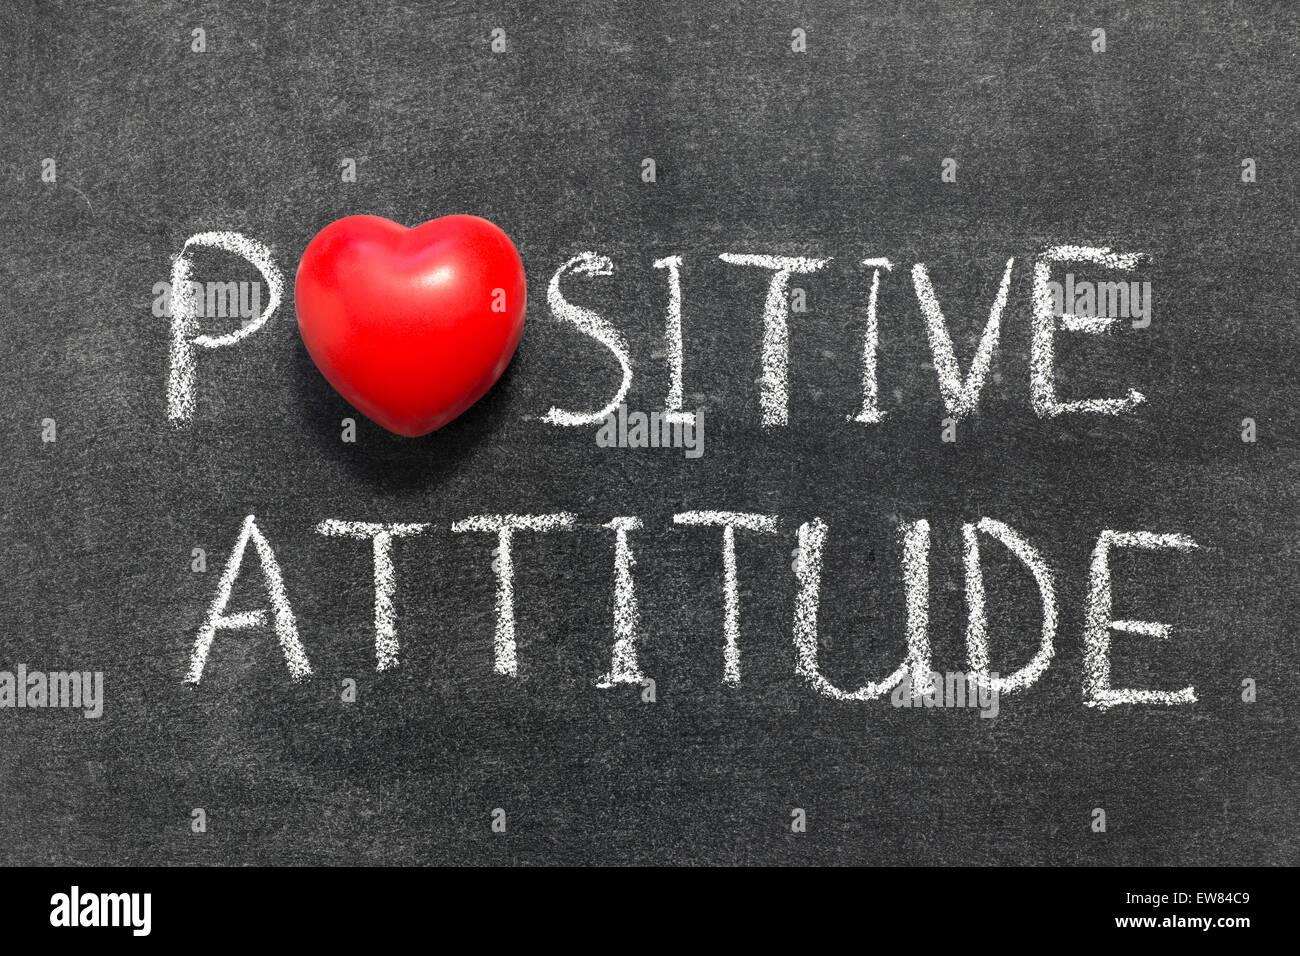 Positive attitude phrase handwritten on blackboard with heart positive attitude phrase handwritten on blackboard with heart symbol instead of o biocorpaavc